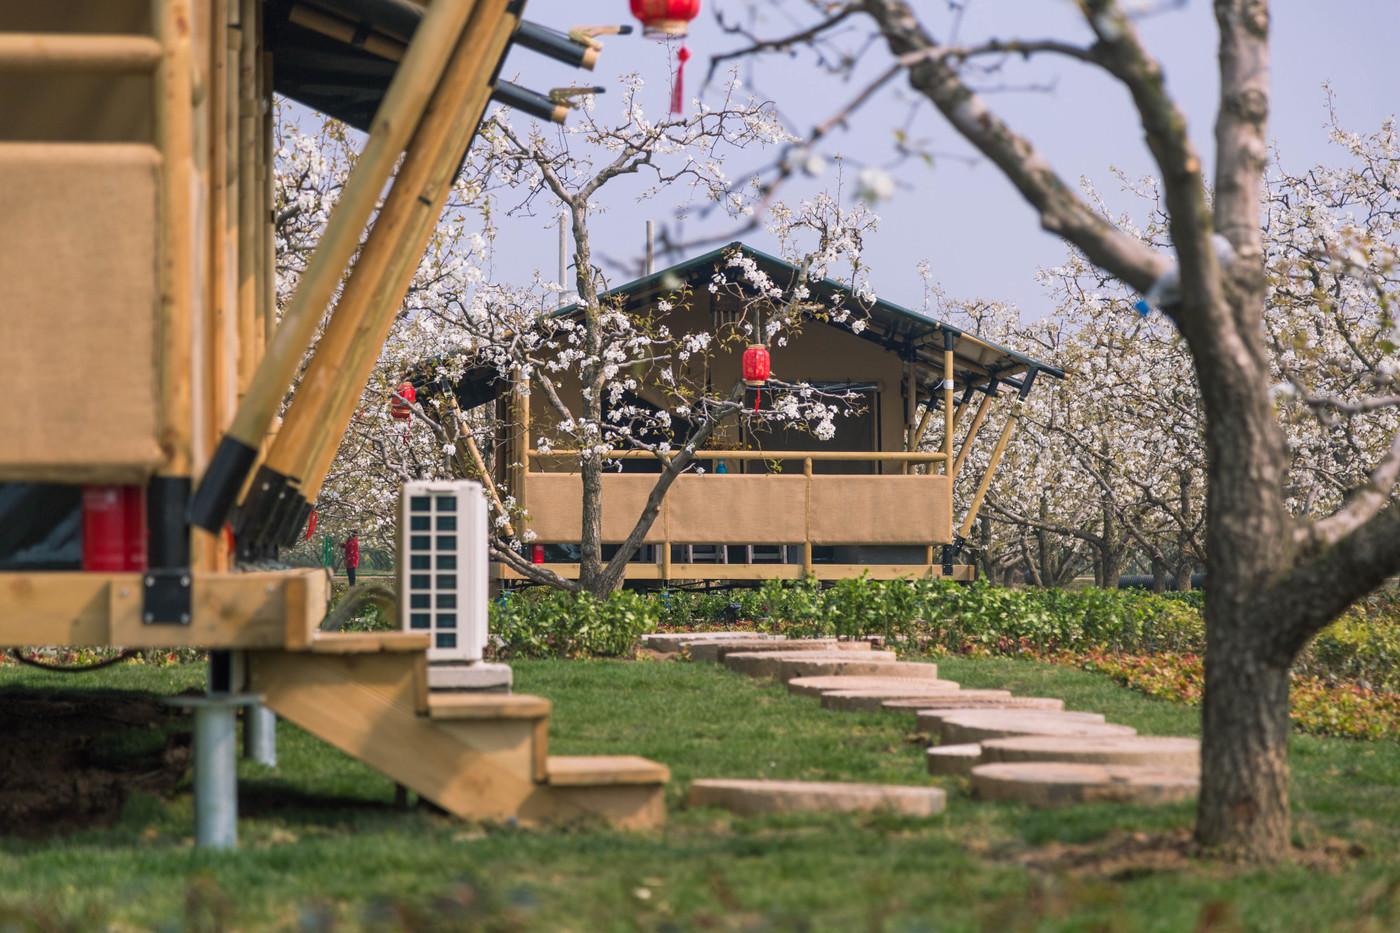 喜马拉雅野奢帐篷酒店—安徽砀山东篱蓬芦(梨园78平)9